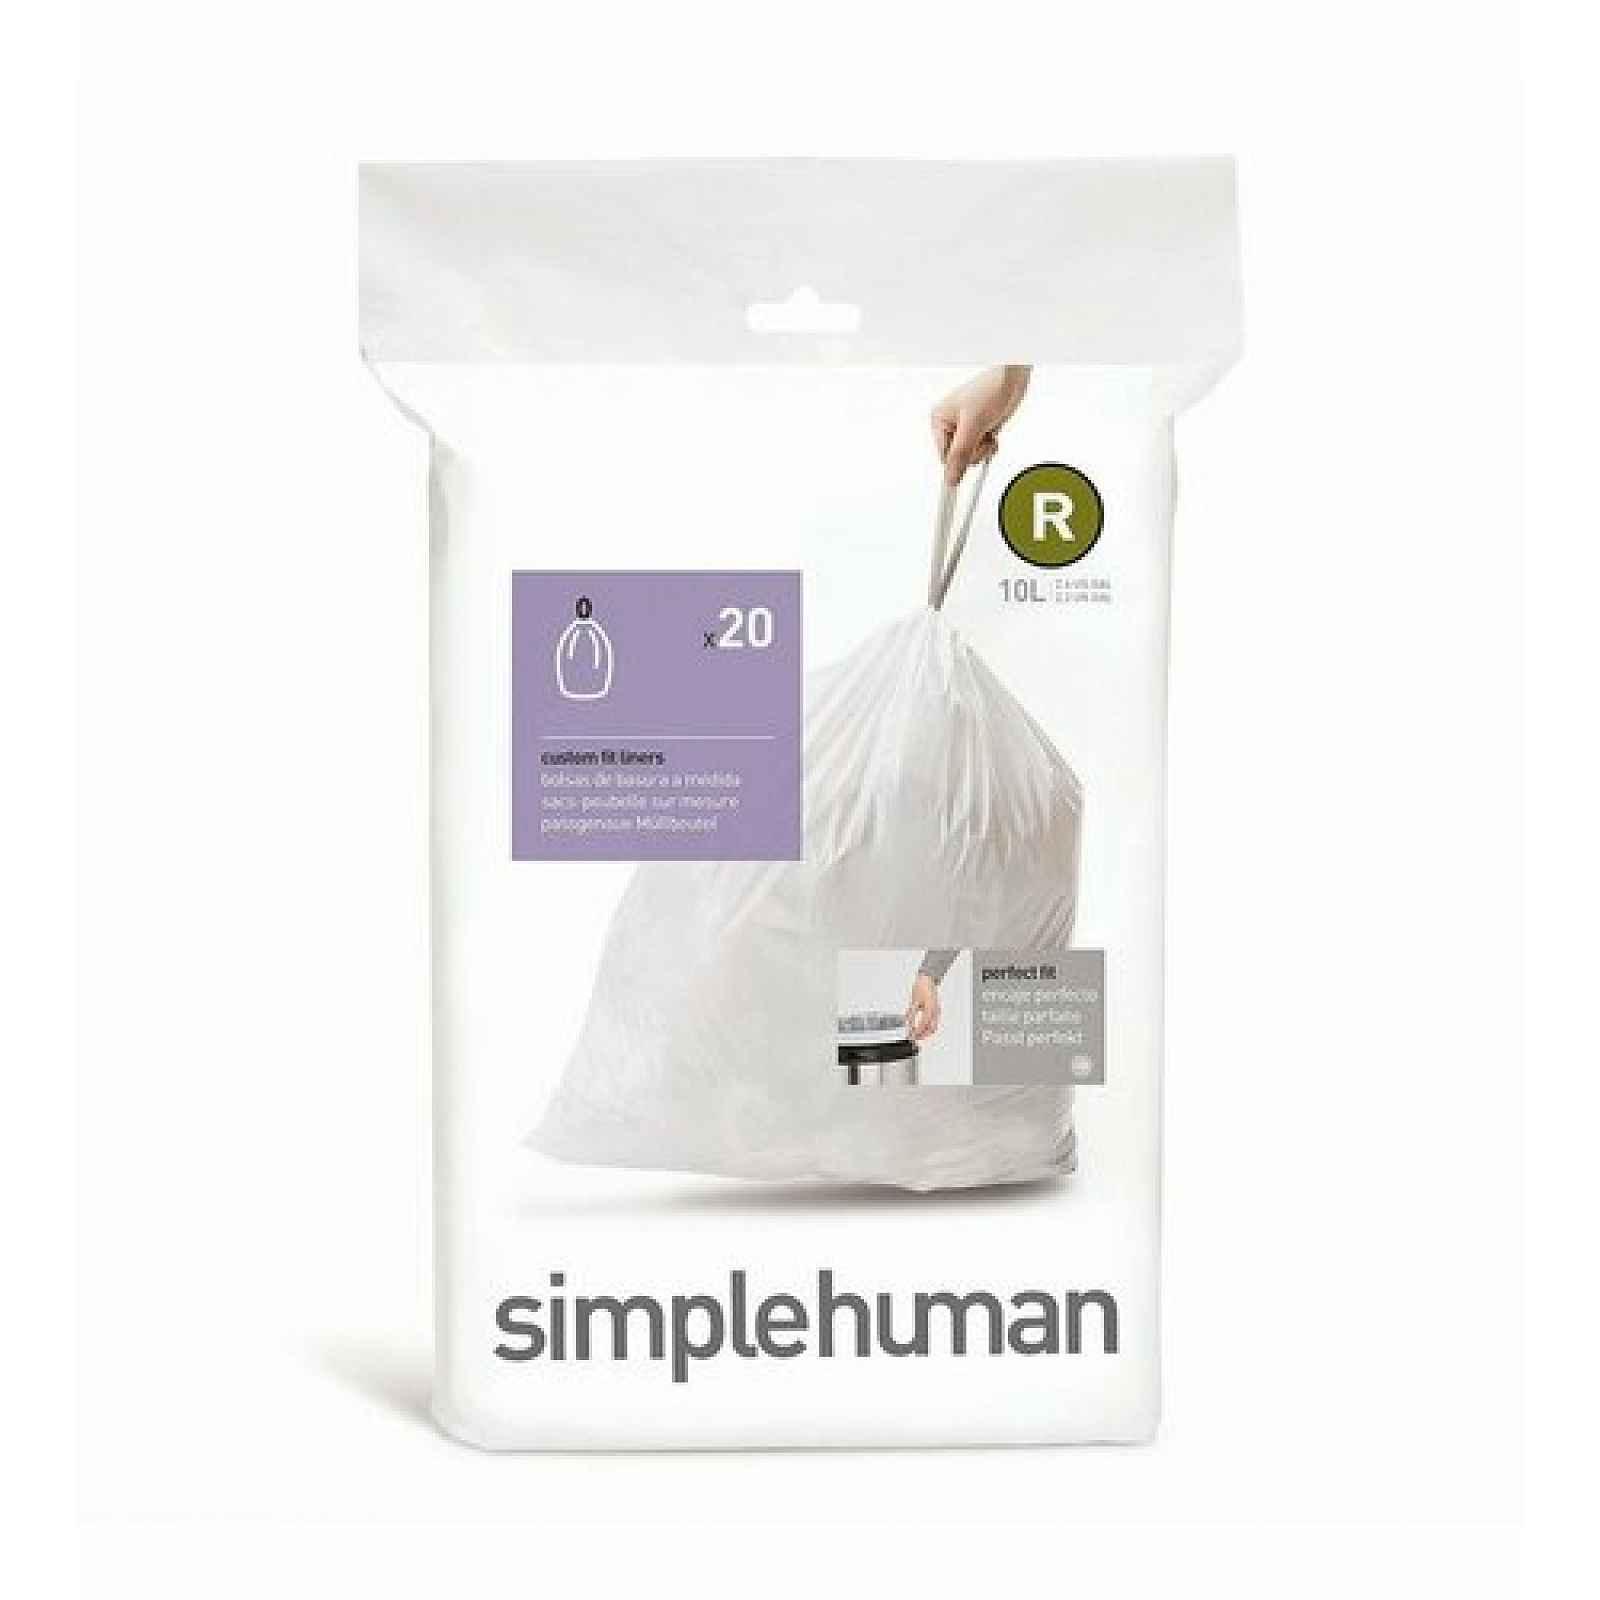 Sáčky do odpadkového koše 10 L, Simplehuman typ R, zatahovací, 20 ks v balení